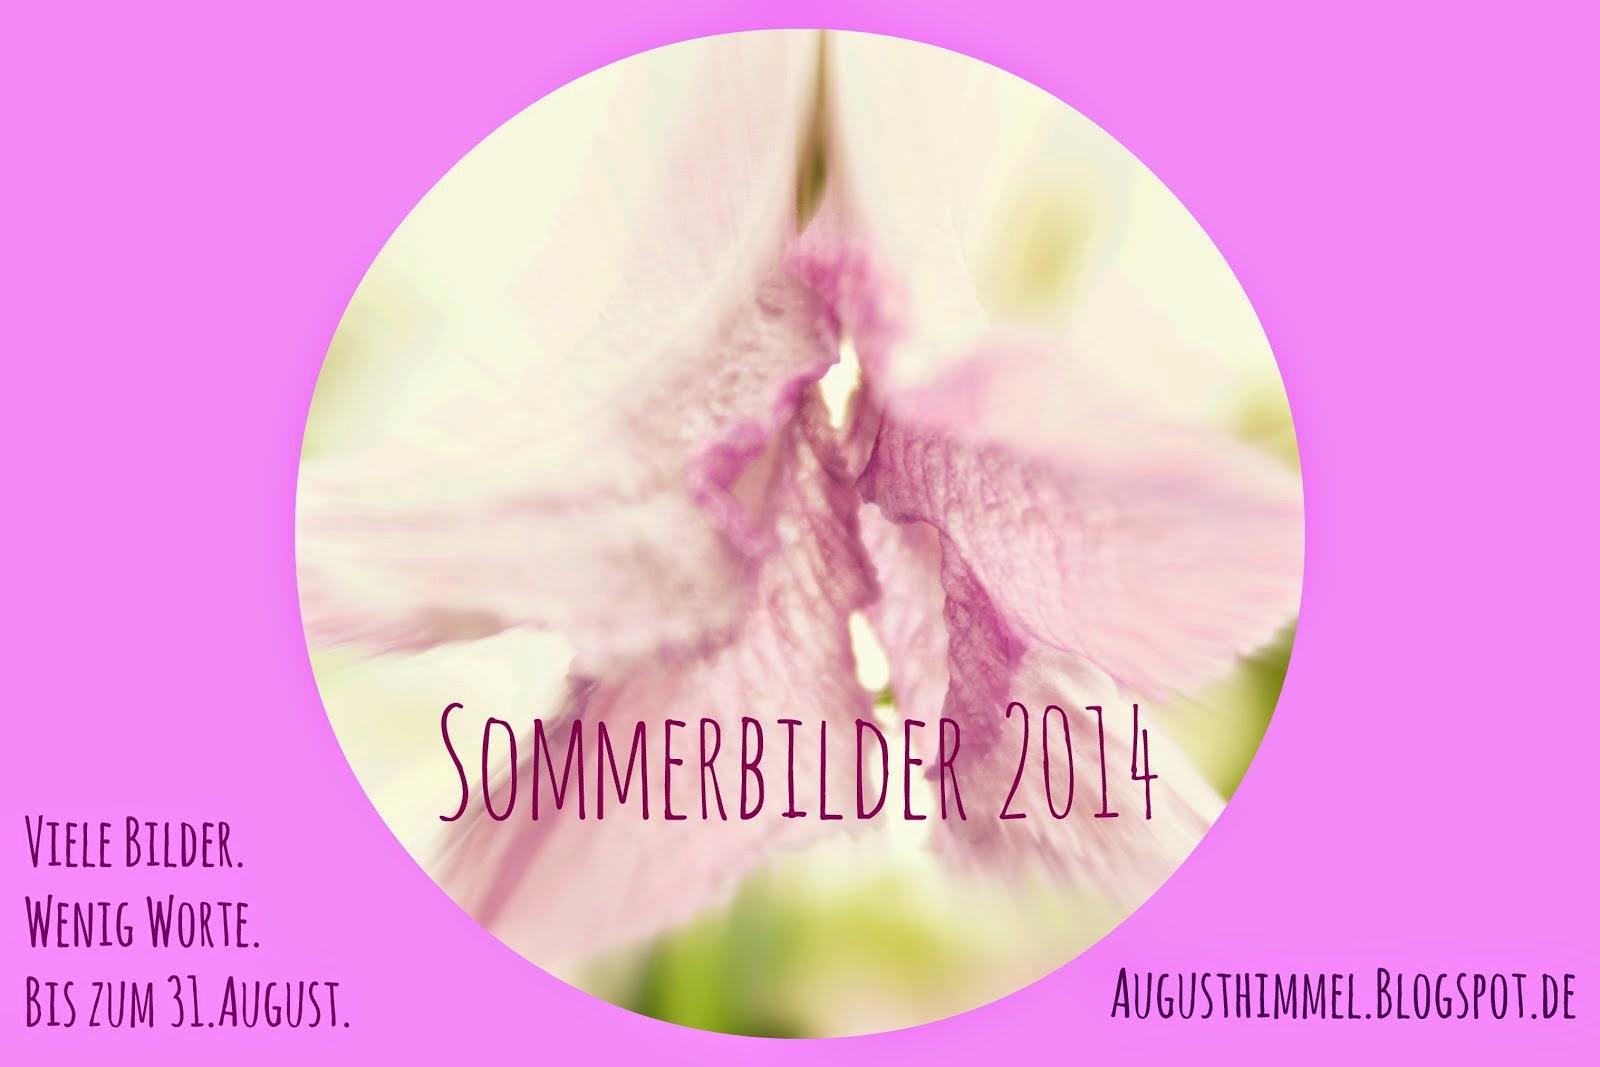 Sommerbilder 2014